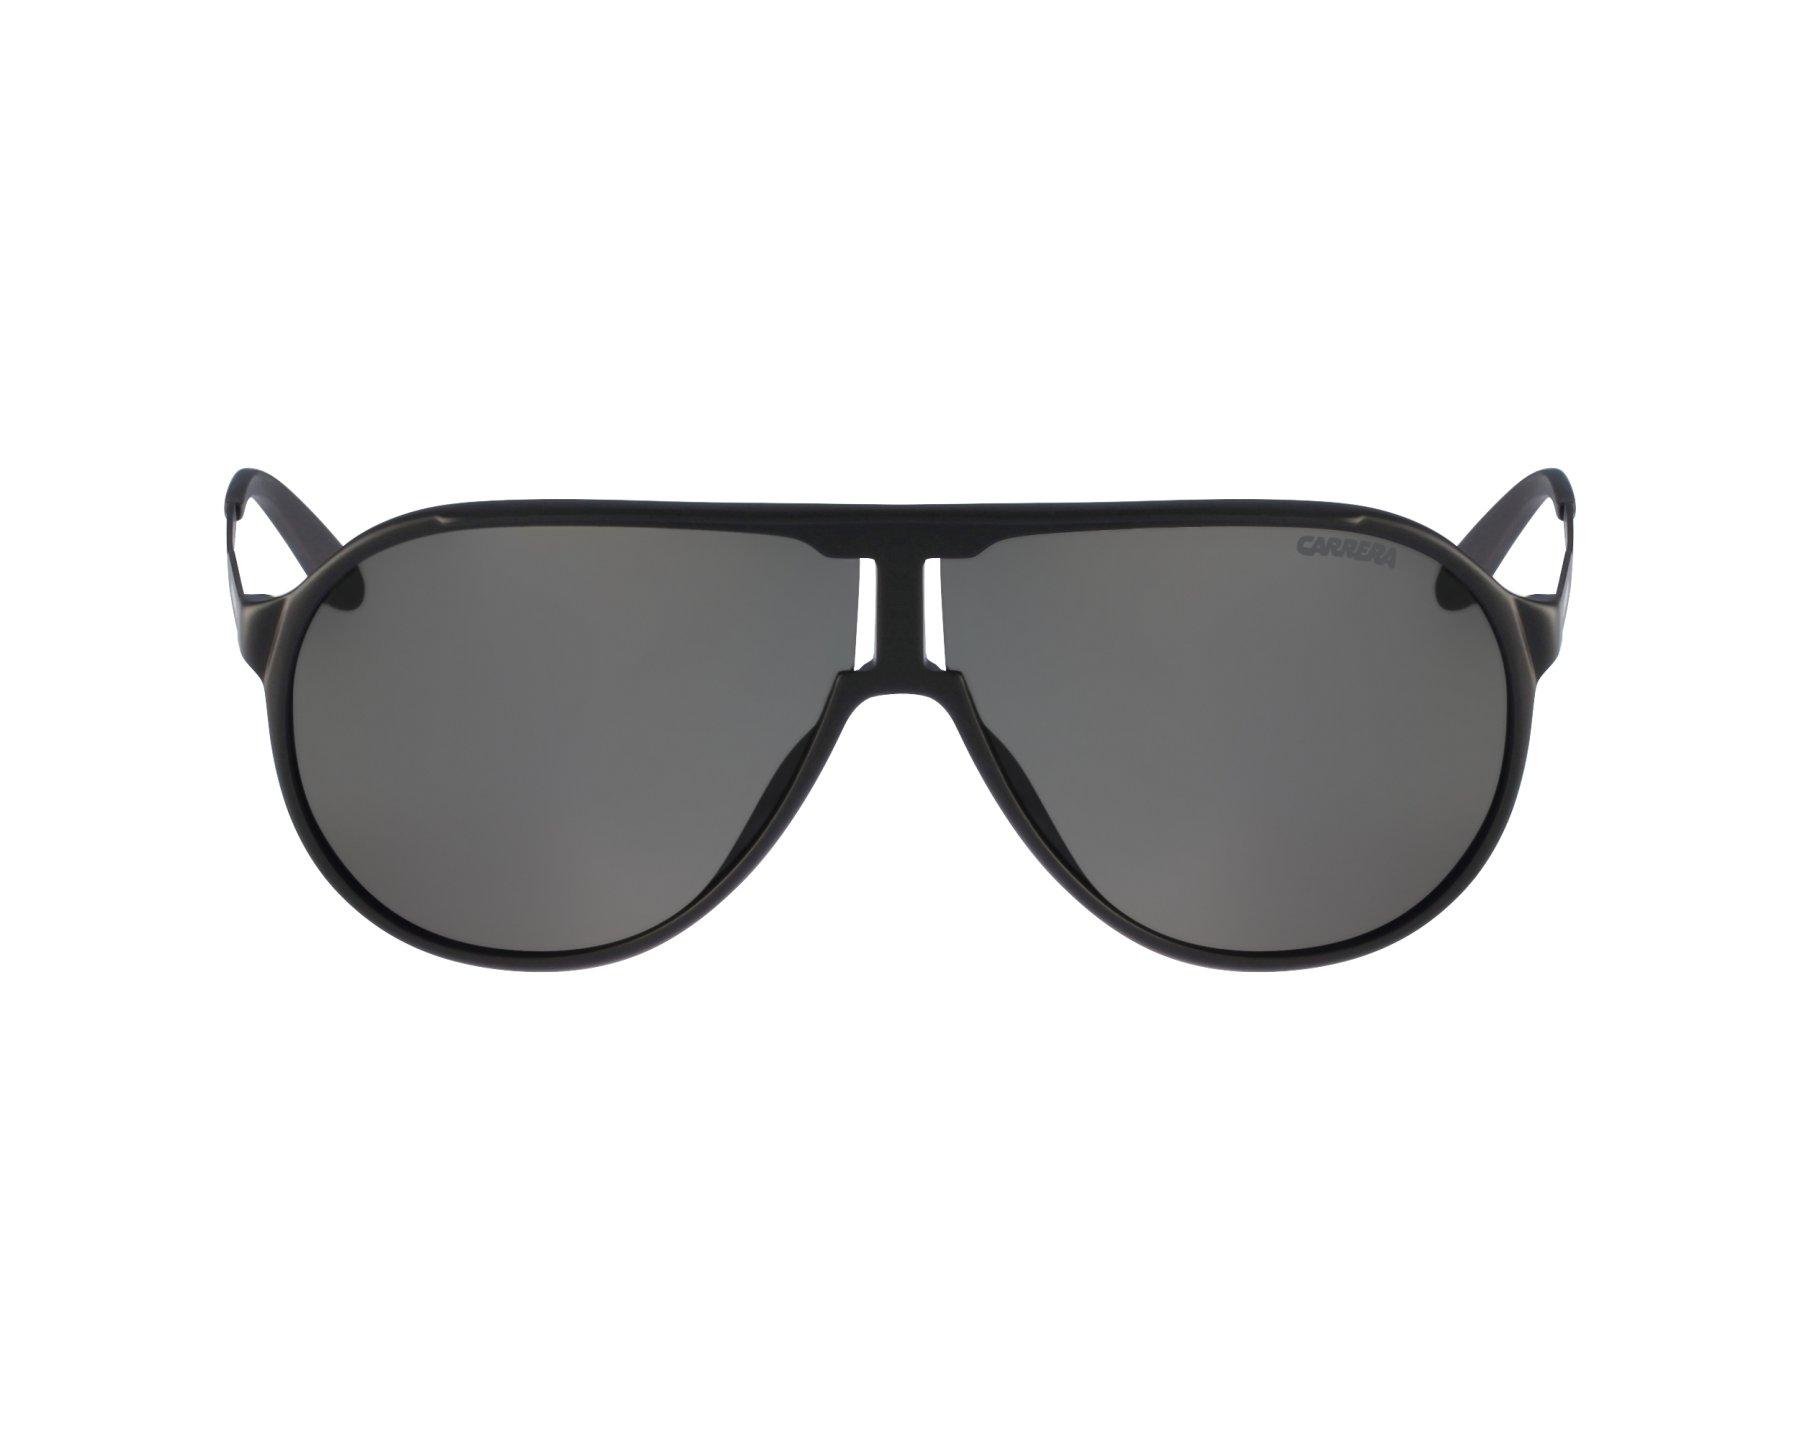 5b56f737c3 Gafas de sol Carrera New-Champion-L GUY/NR - Negra vista de